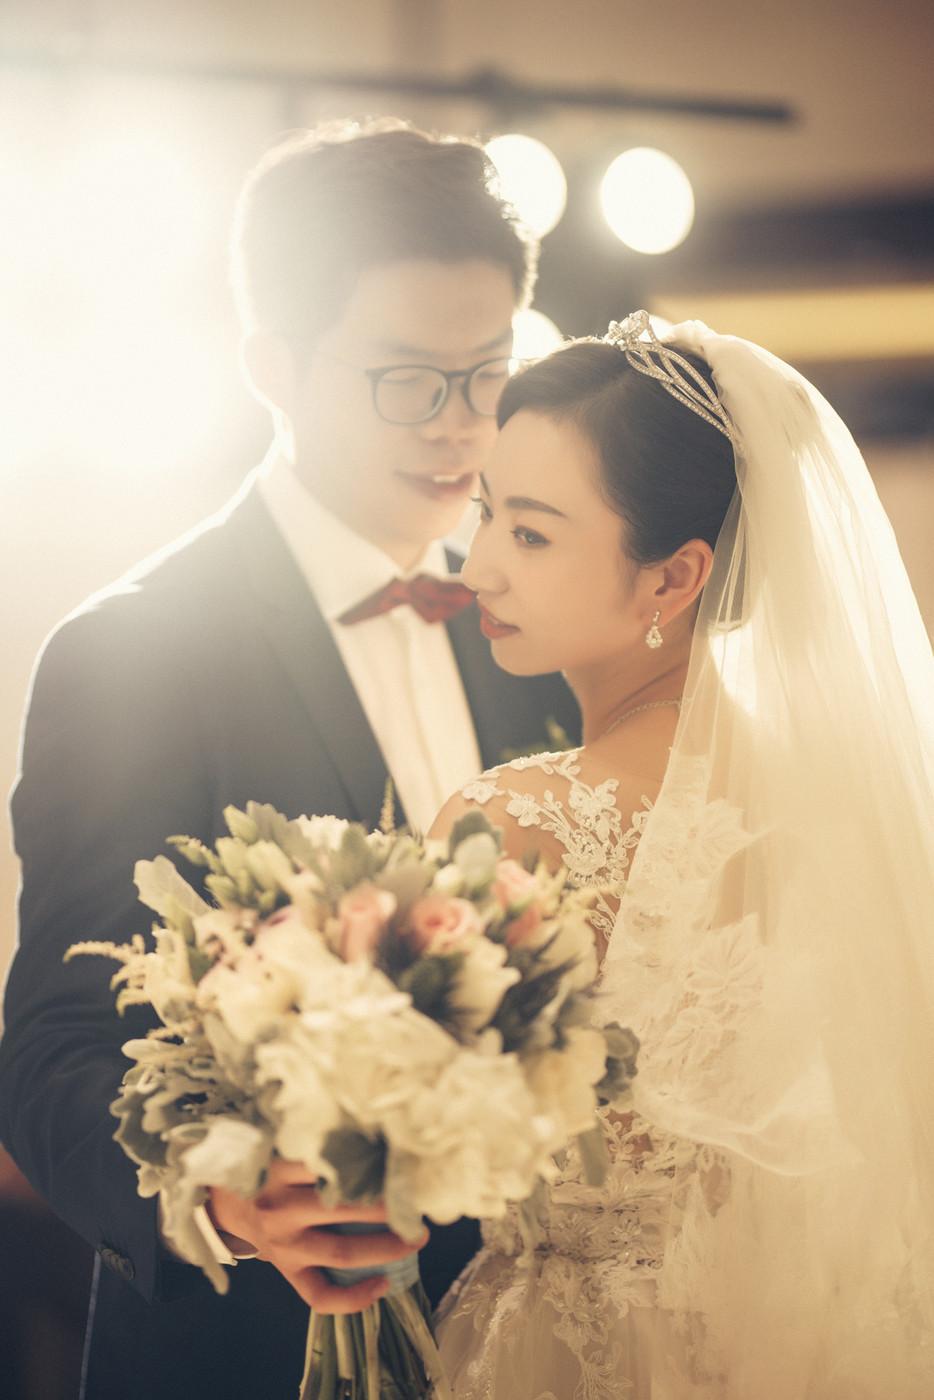 【KAI 婚礼纪实】P&S 南京婚礼45